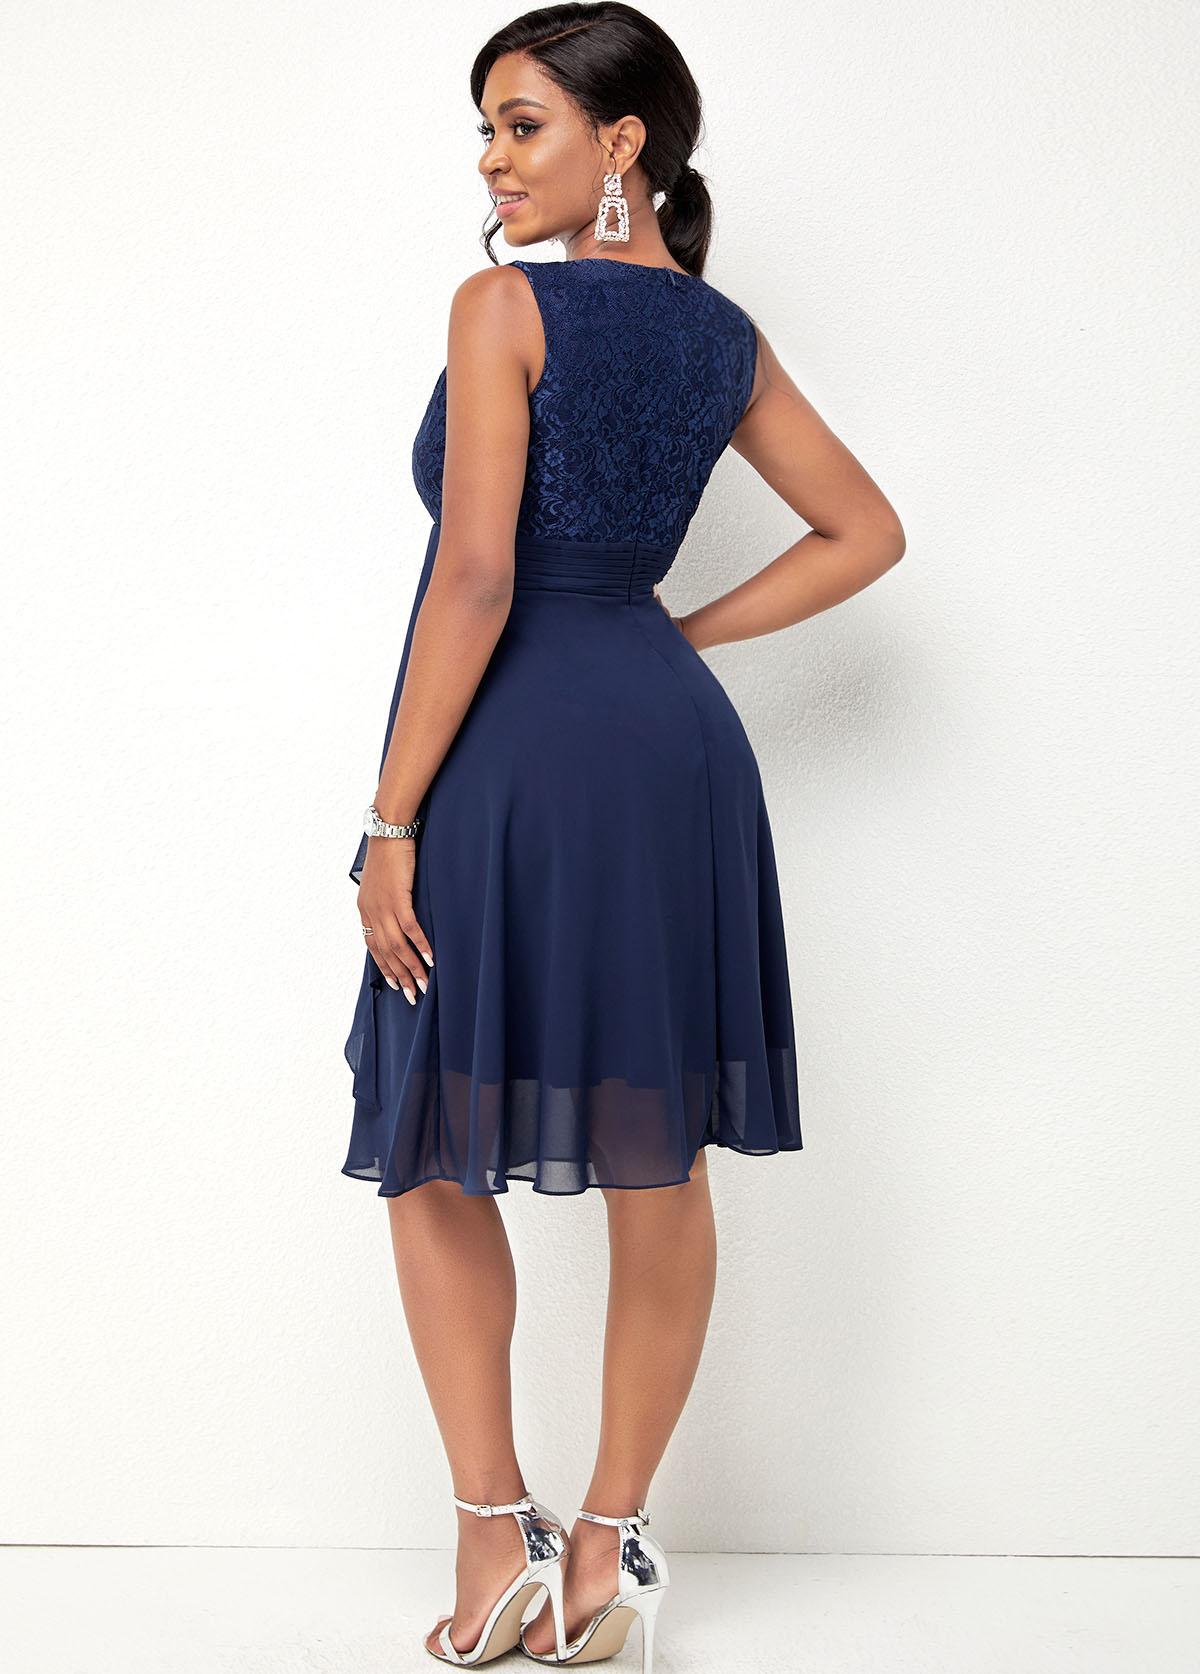 Lace Stitching Navy Blue Chiffon Dress